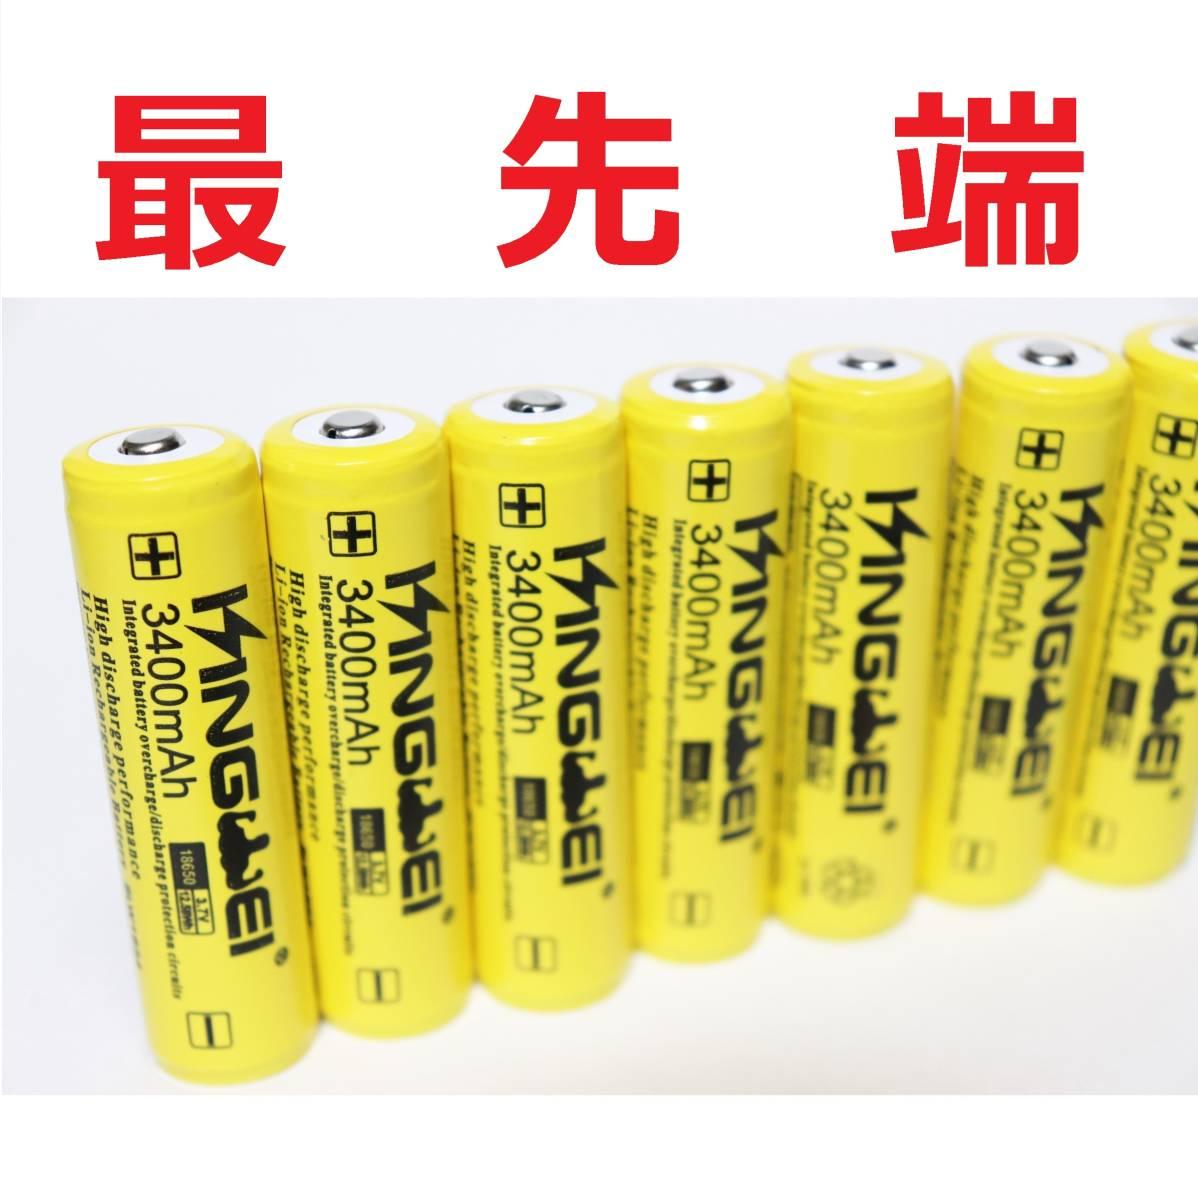 最新版 18650 経済産業省適合品 大容量 リチウムイオン 充電池 バッテリー 懐中電灯 ヘッドライト 06_画像1